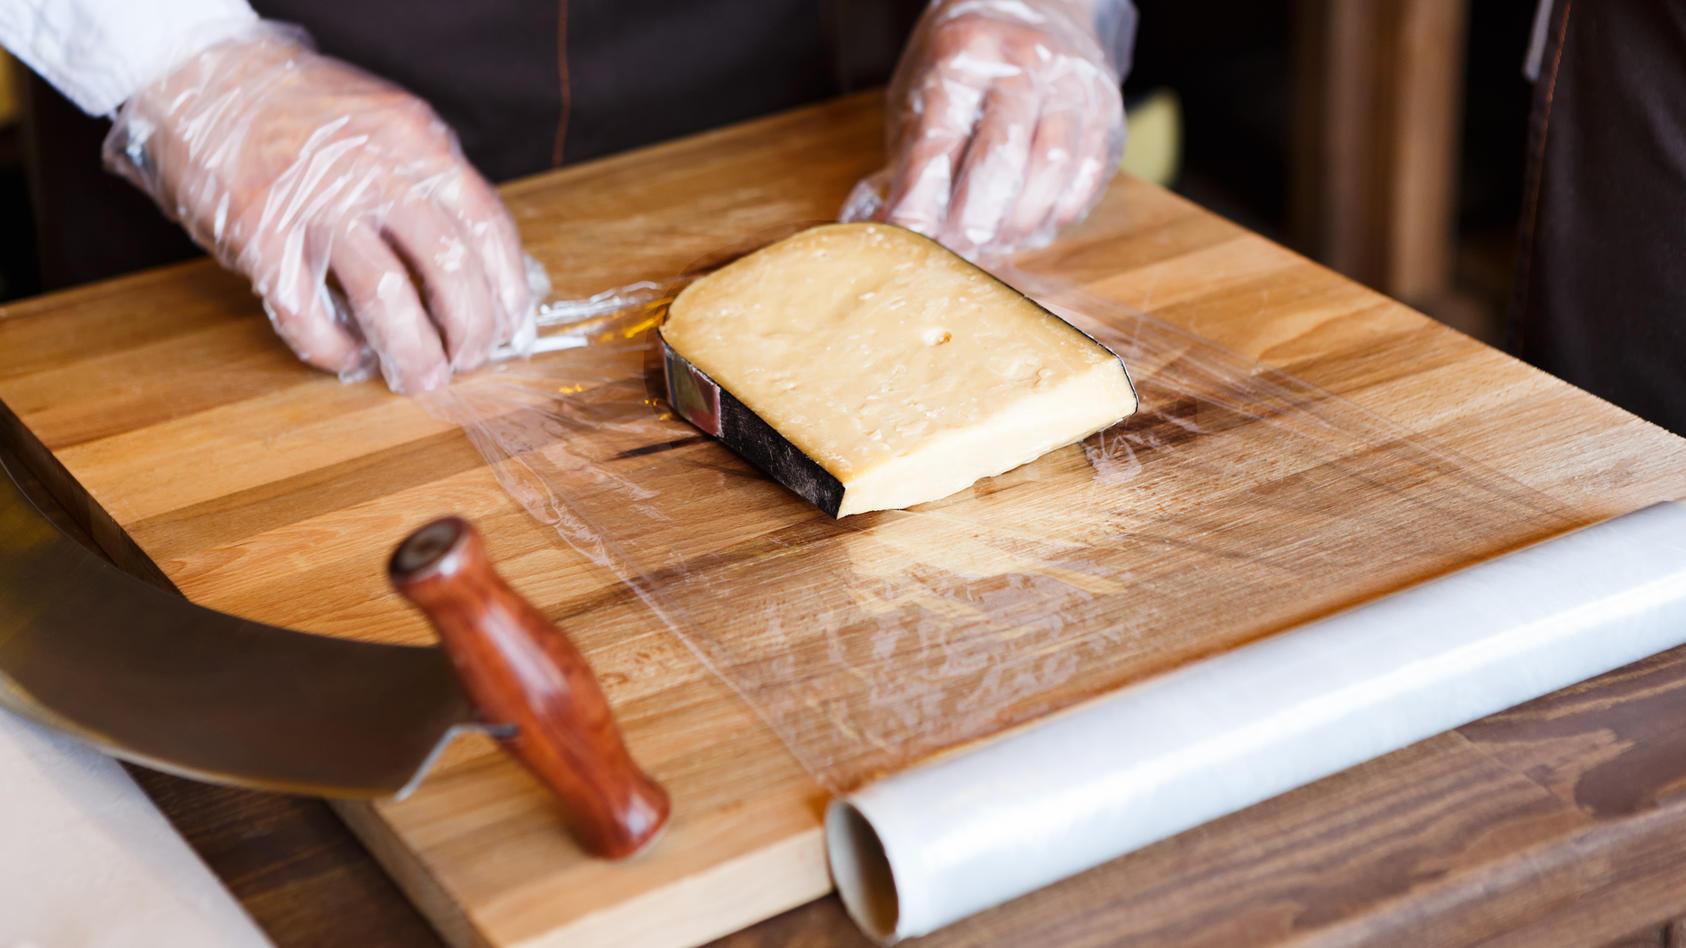 Packen Sie Ihren Käse auch immer in Folie ein? Lassen Sie es lieber!